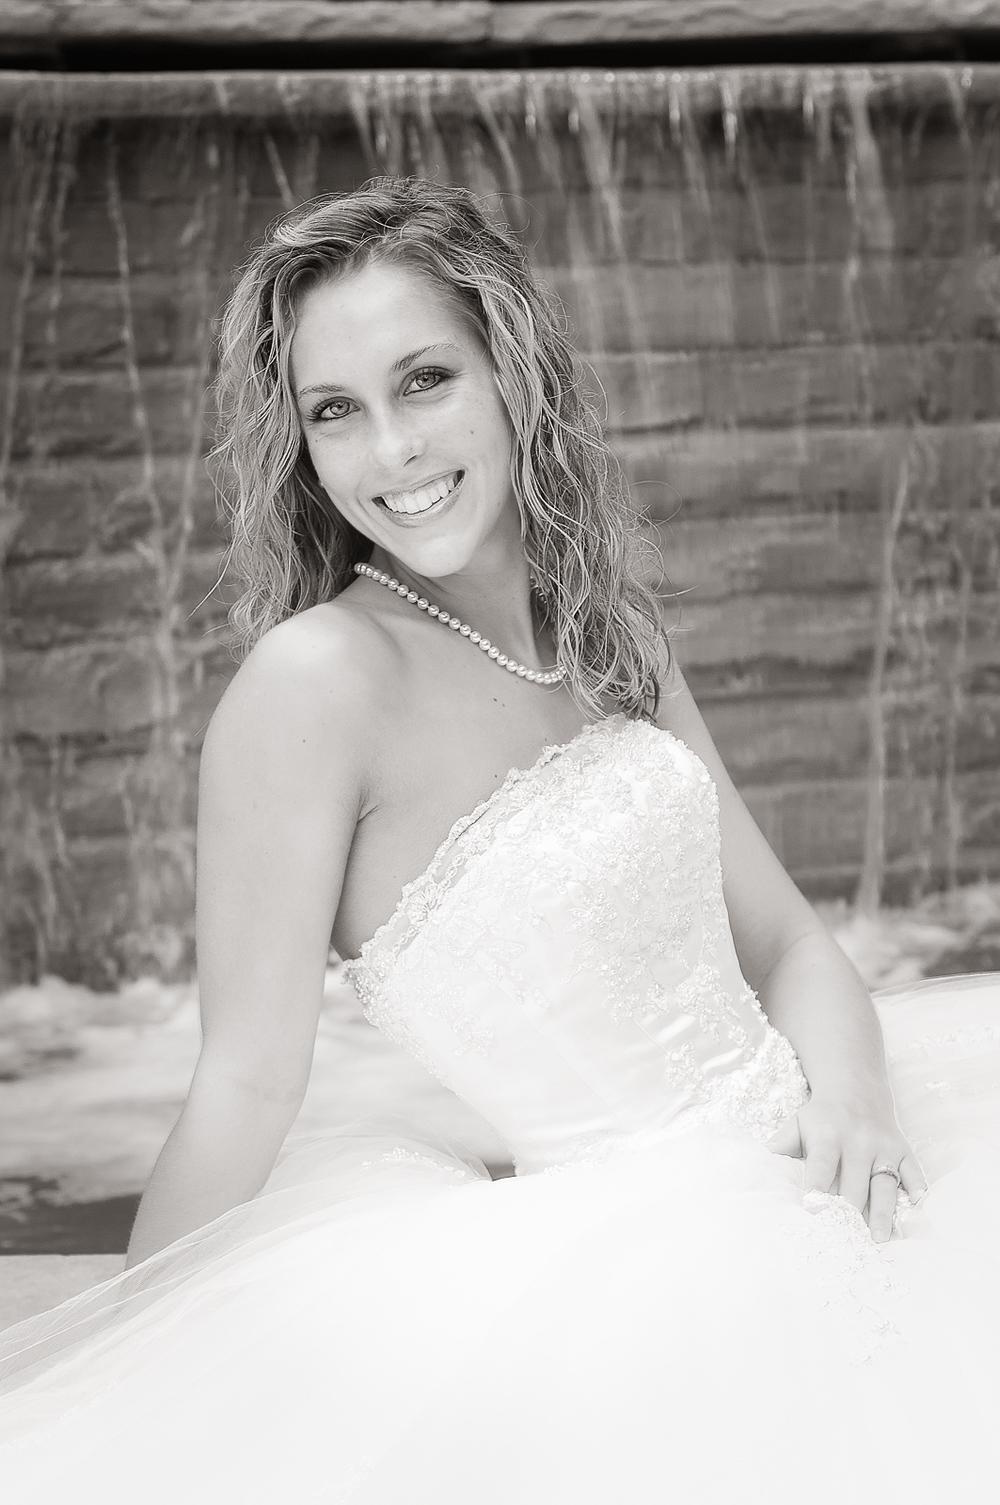 Michael-Napier-Weddings-Robb-Bridal-70 (6).jpg